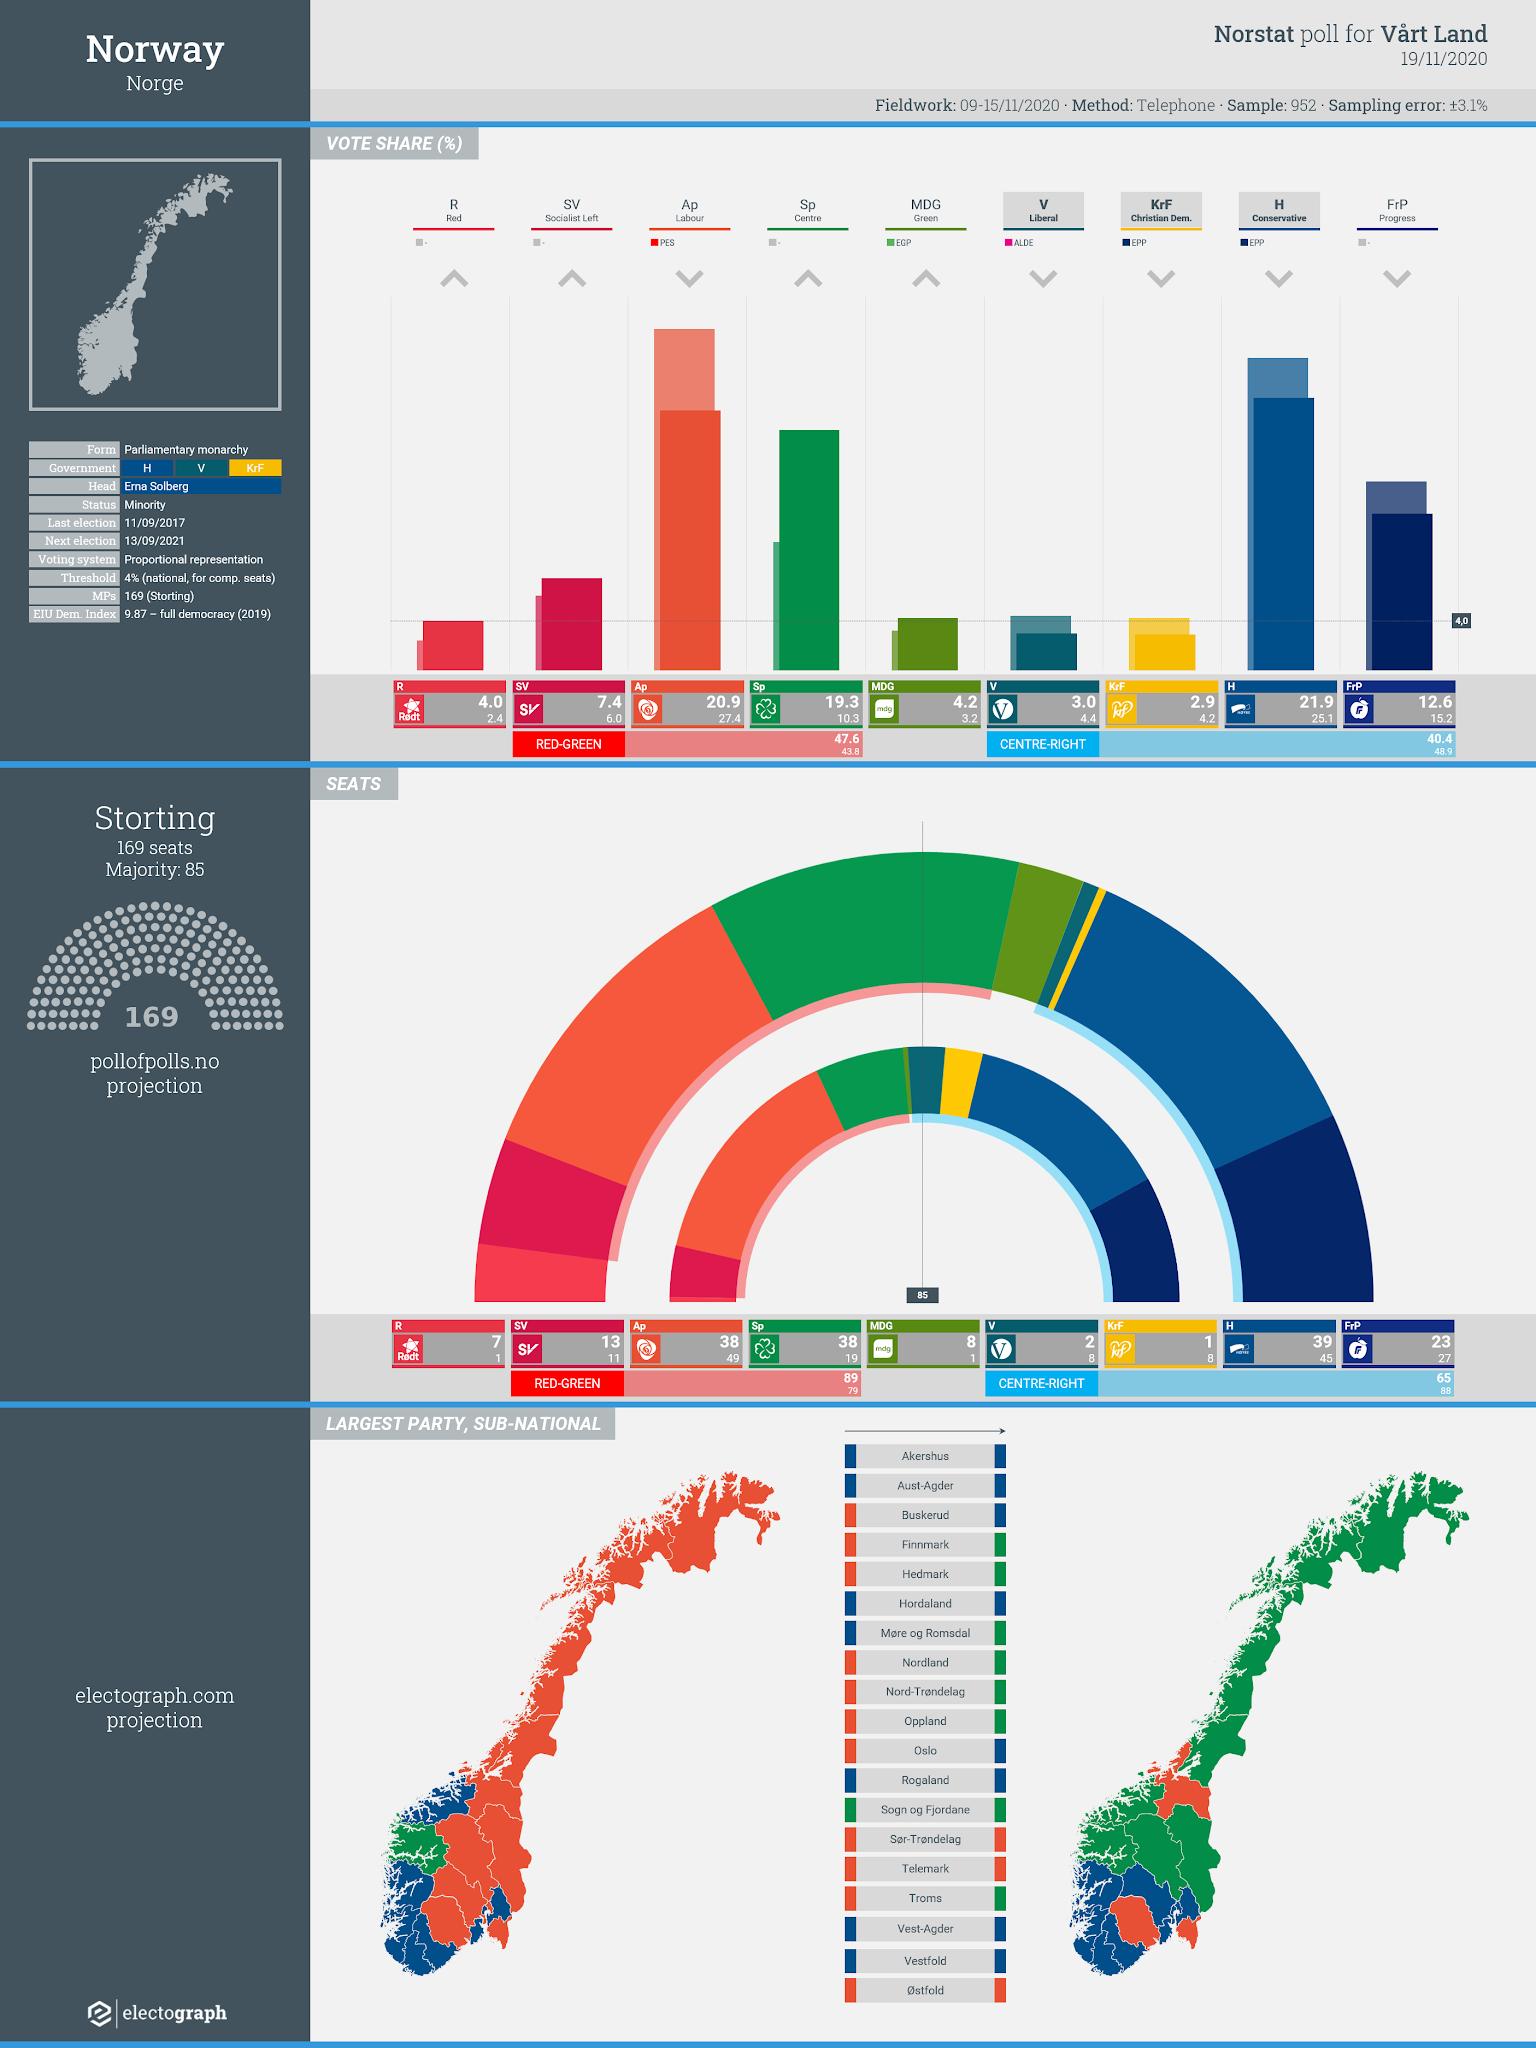 NORWAY: Norstat poll chart for Vårt Land, 19 November 2020